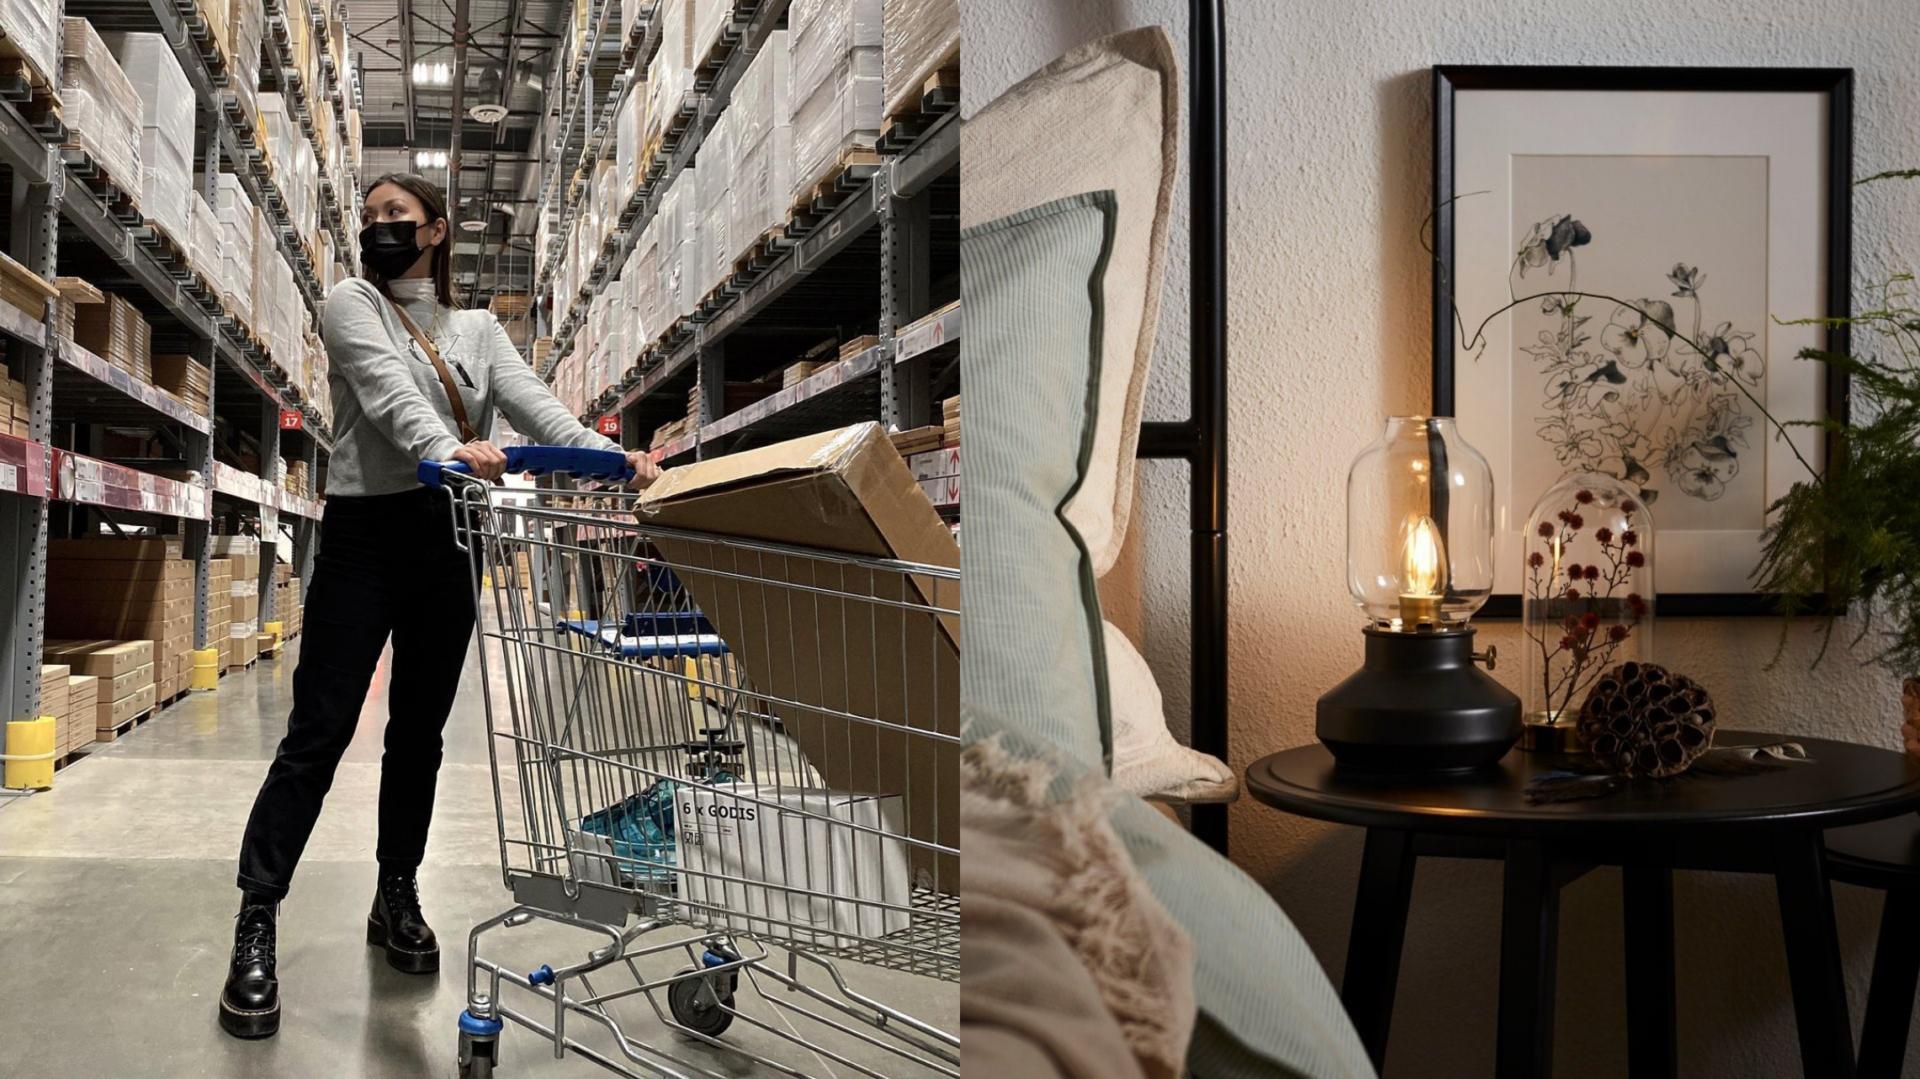 Tout ce dont vous avez besoin pour rendre votre nid encore plus douillet grâce à la nouvelle collection d'IKEA [PHOTOS]